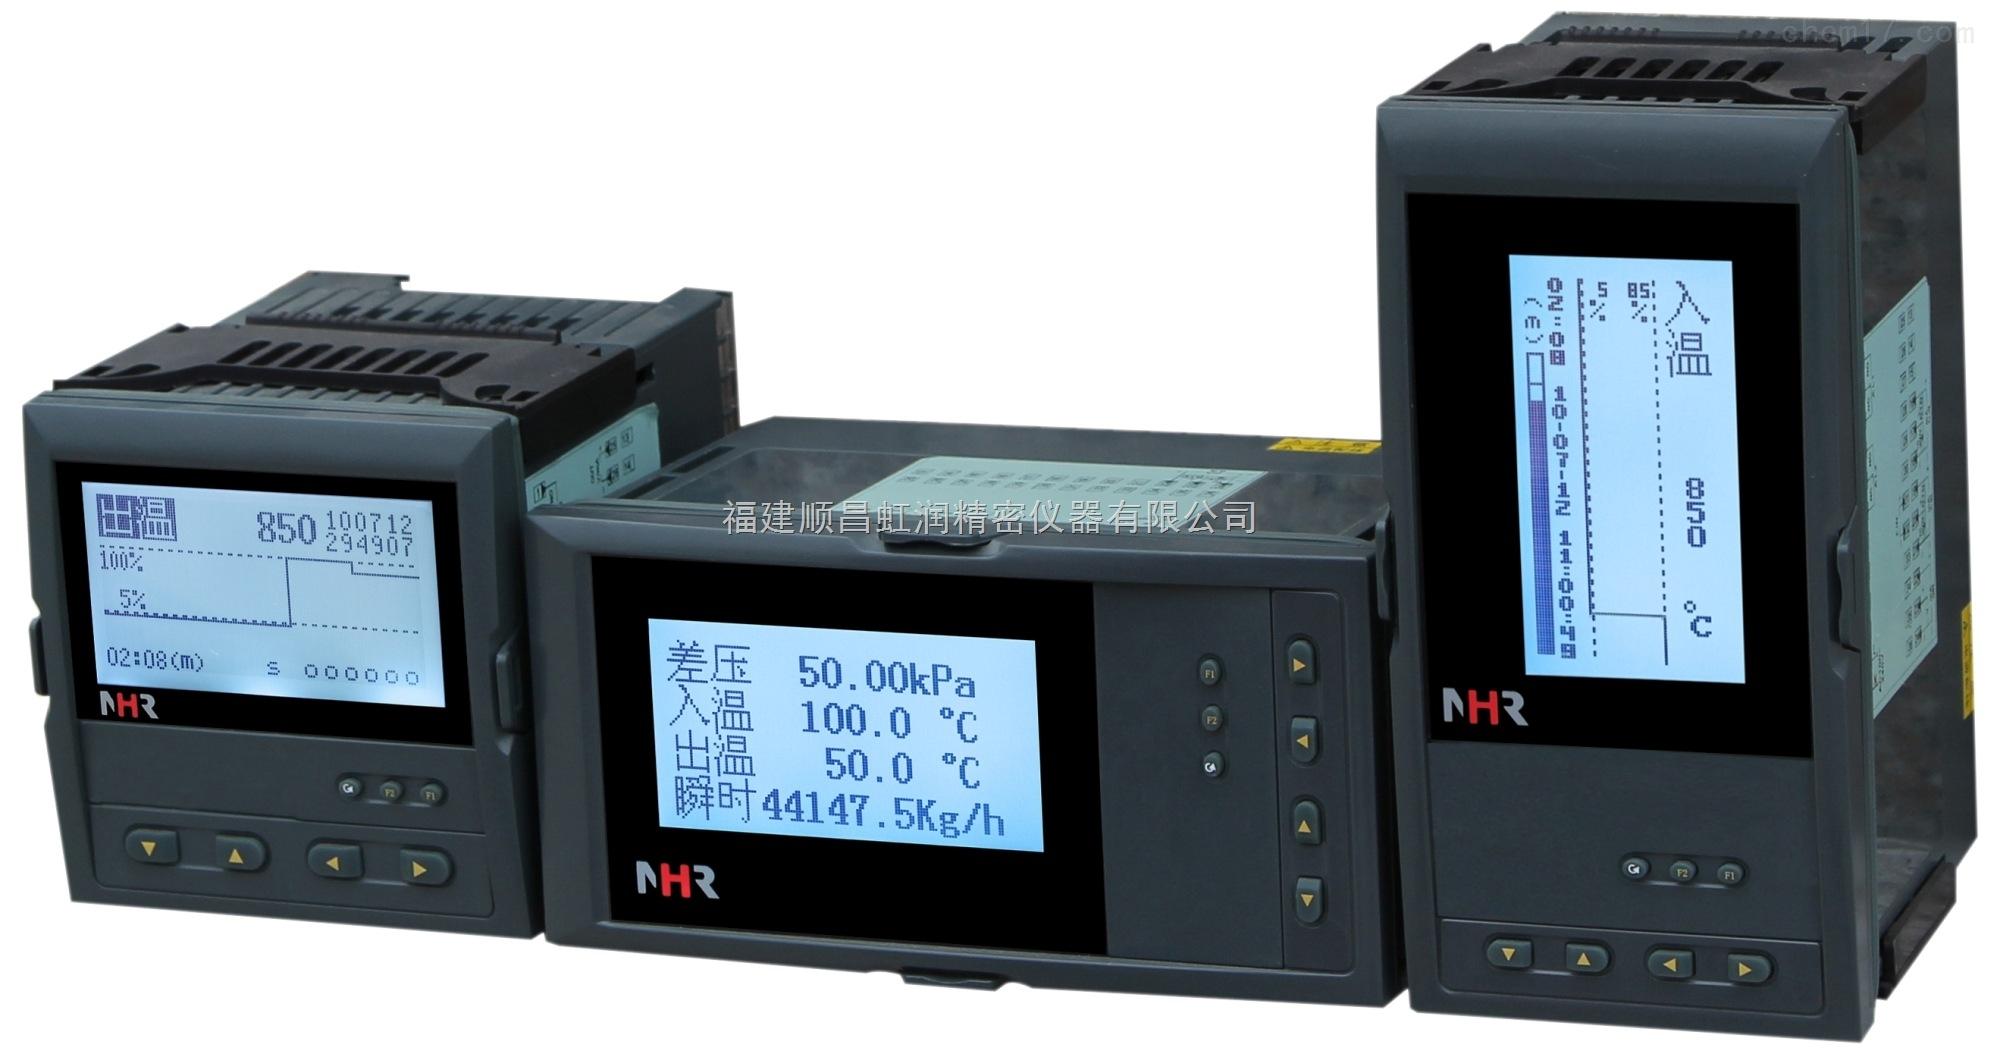 虹润NHR-6610R系列液晶热(冷)量积算记录仪(配套型)虹润仪表有限公司